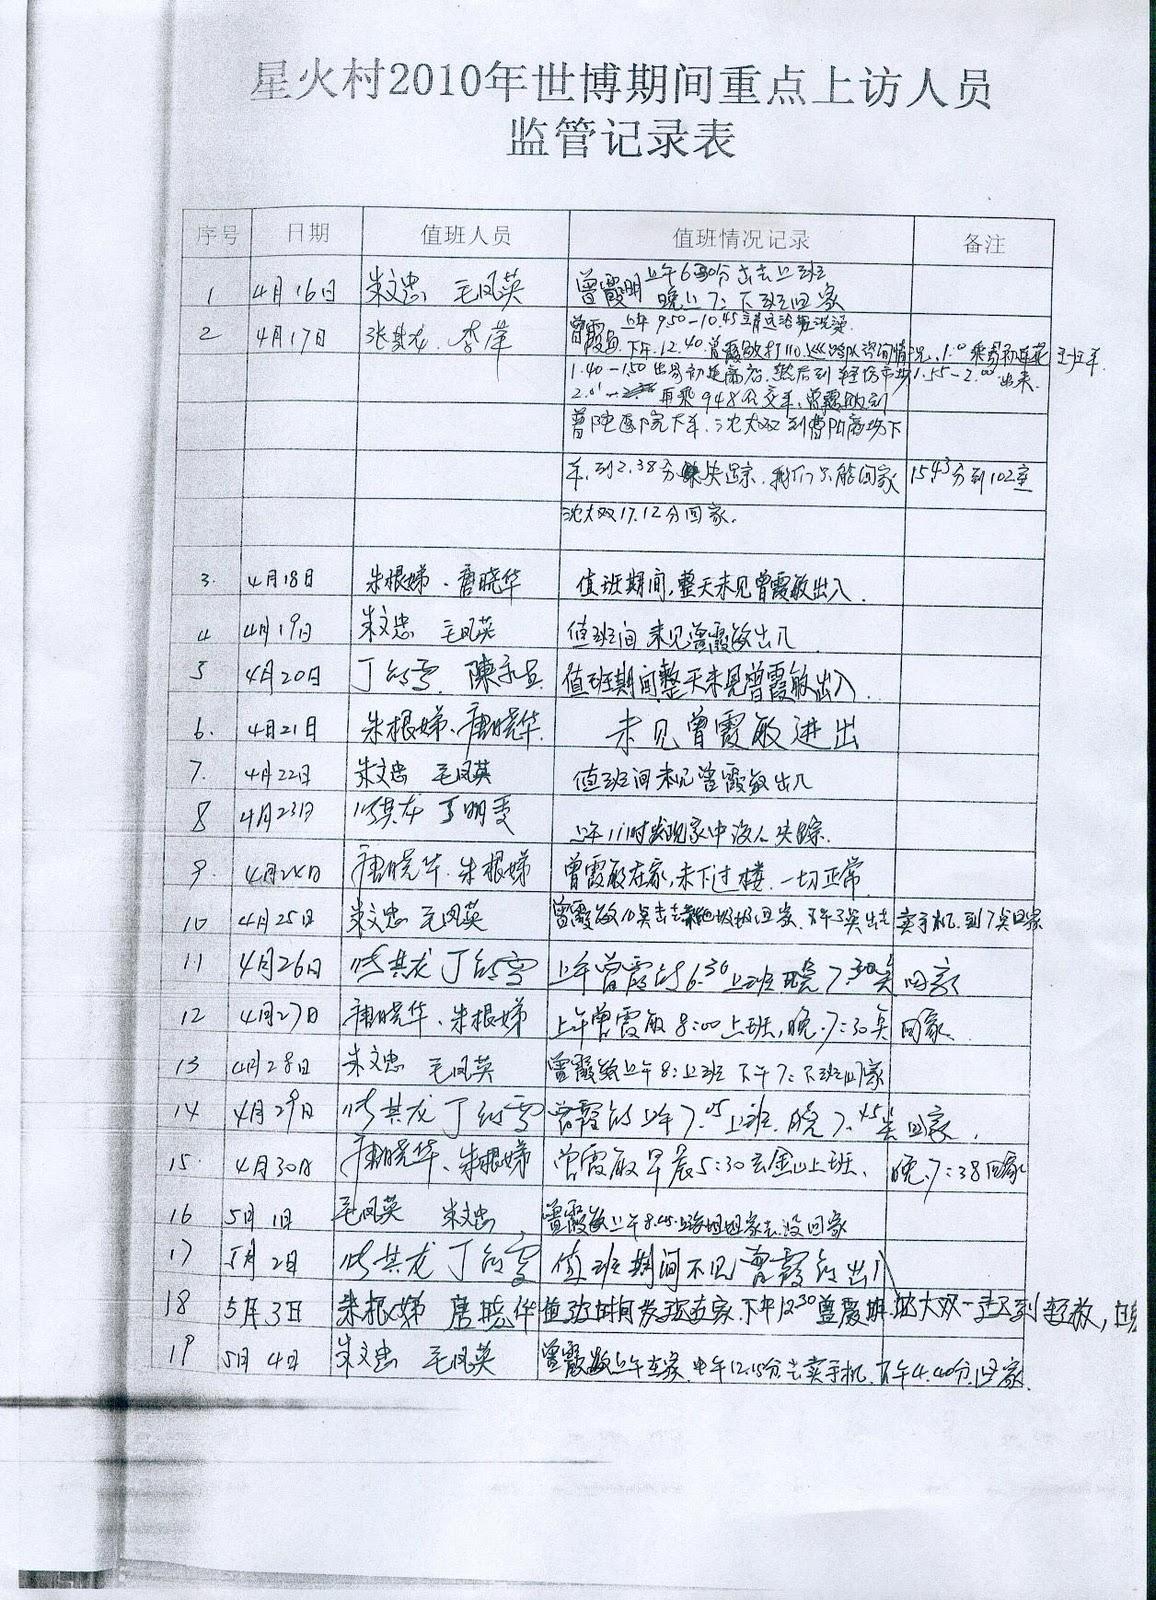 反共產抗強拆聯合會(The CCP Demolisher): 曾霞敏在美國法院起訴俞正聲及中共駐北美特務頭子(54圖)